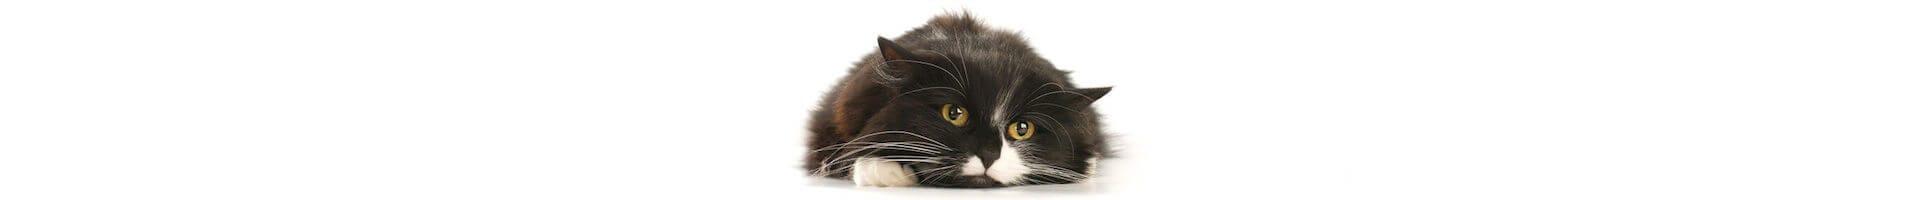 紧张的猫咪